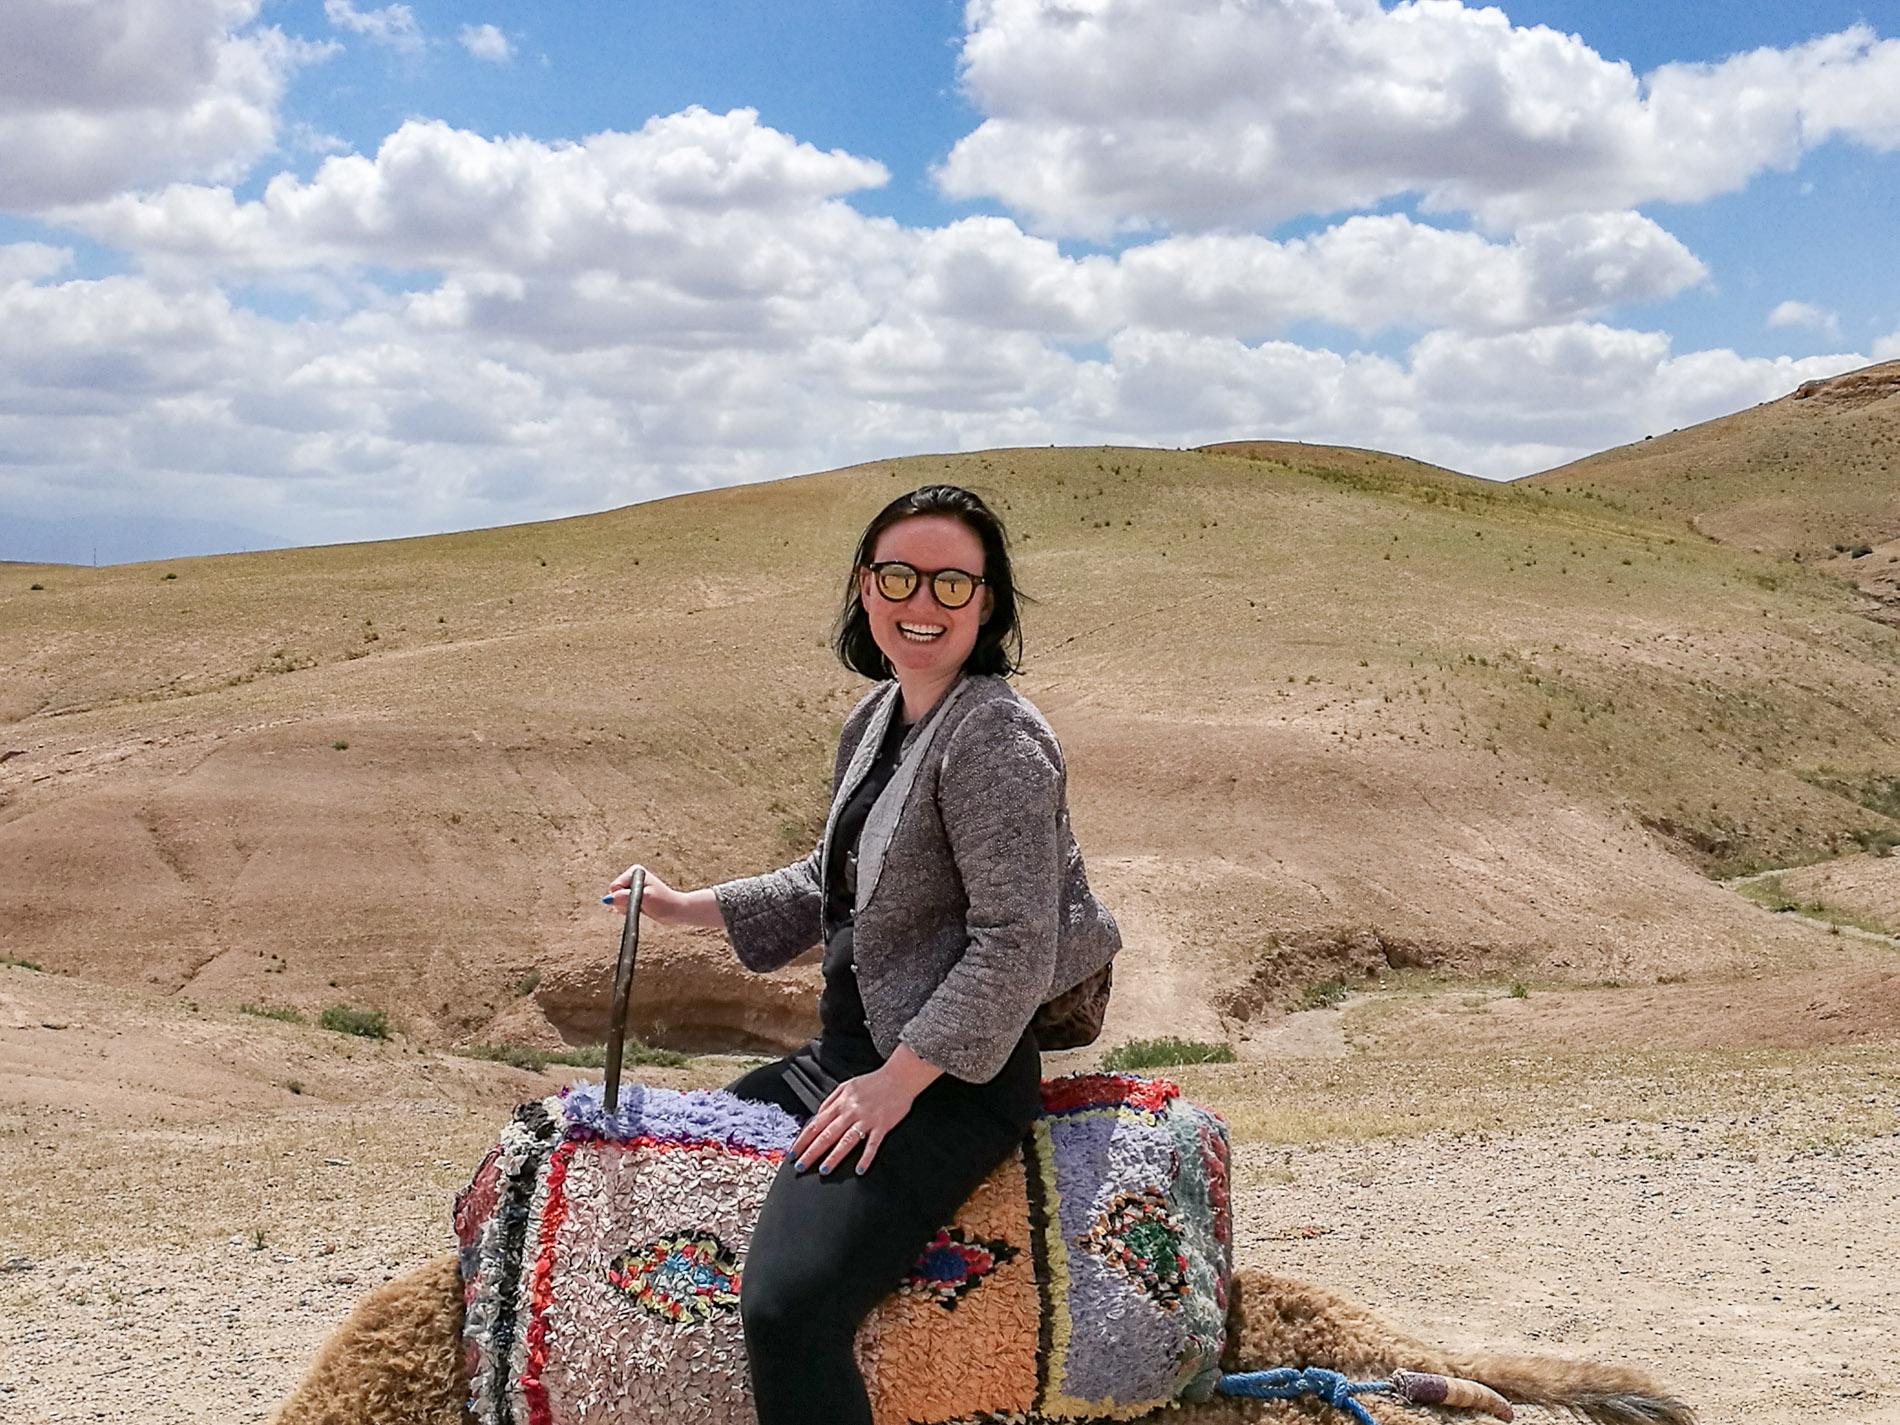 Pi fortæller i denne podcast om sin road trip til Marokko.